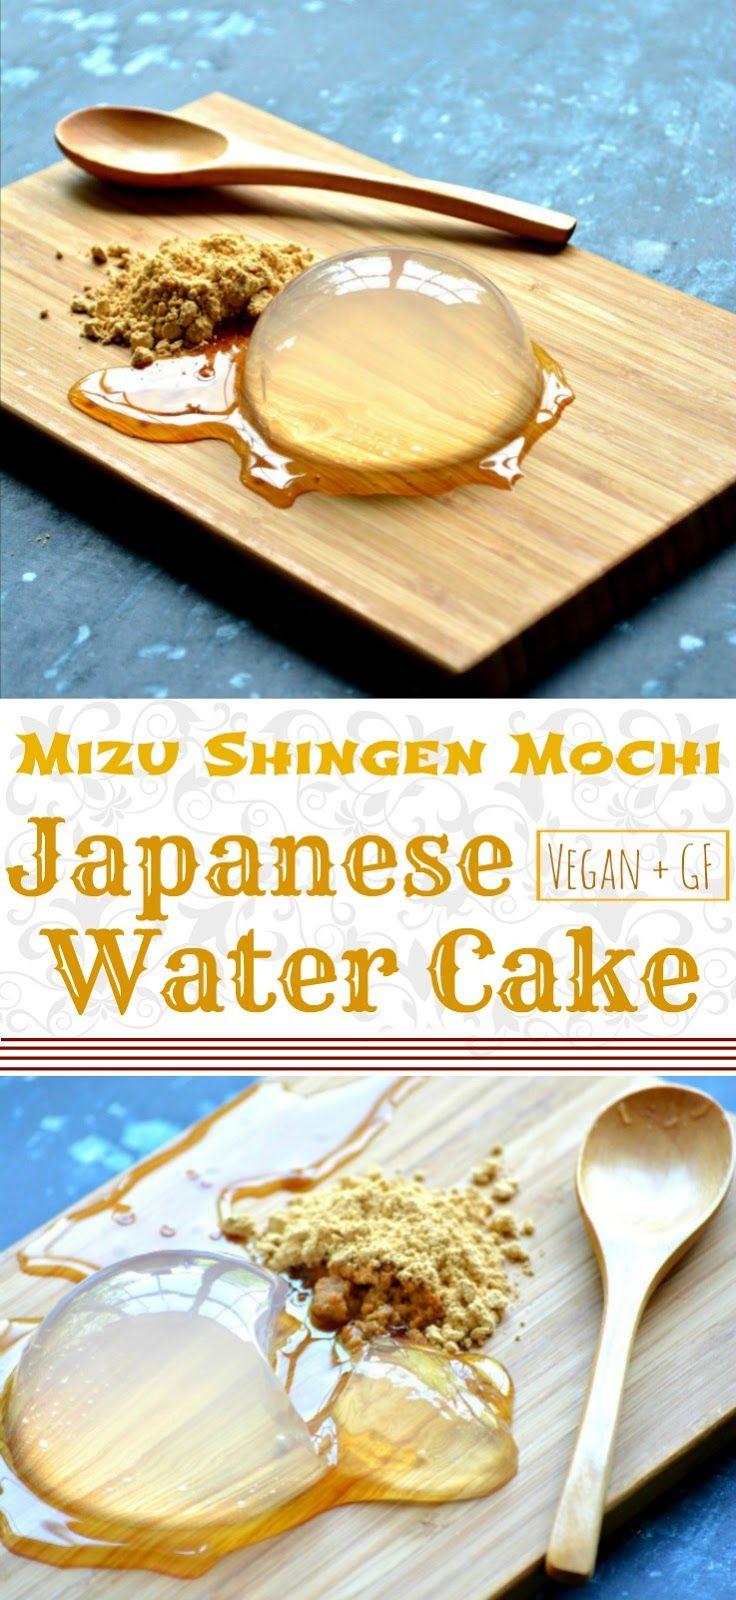 Mizu Shingen Mochi - Japanese Water Cake. 3 ingredient Japanese dessert served with Kinako (roasted soybean powder) and Kurimitsu (dark sugar syrup). It's literally water that you can eat! VEGAN + Gluten-Free!!!